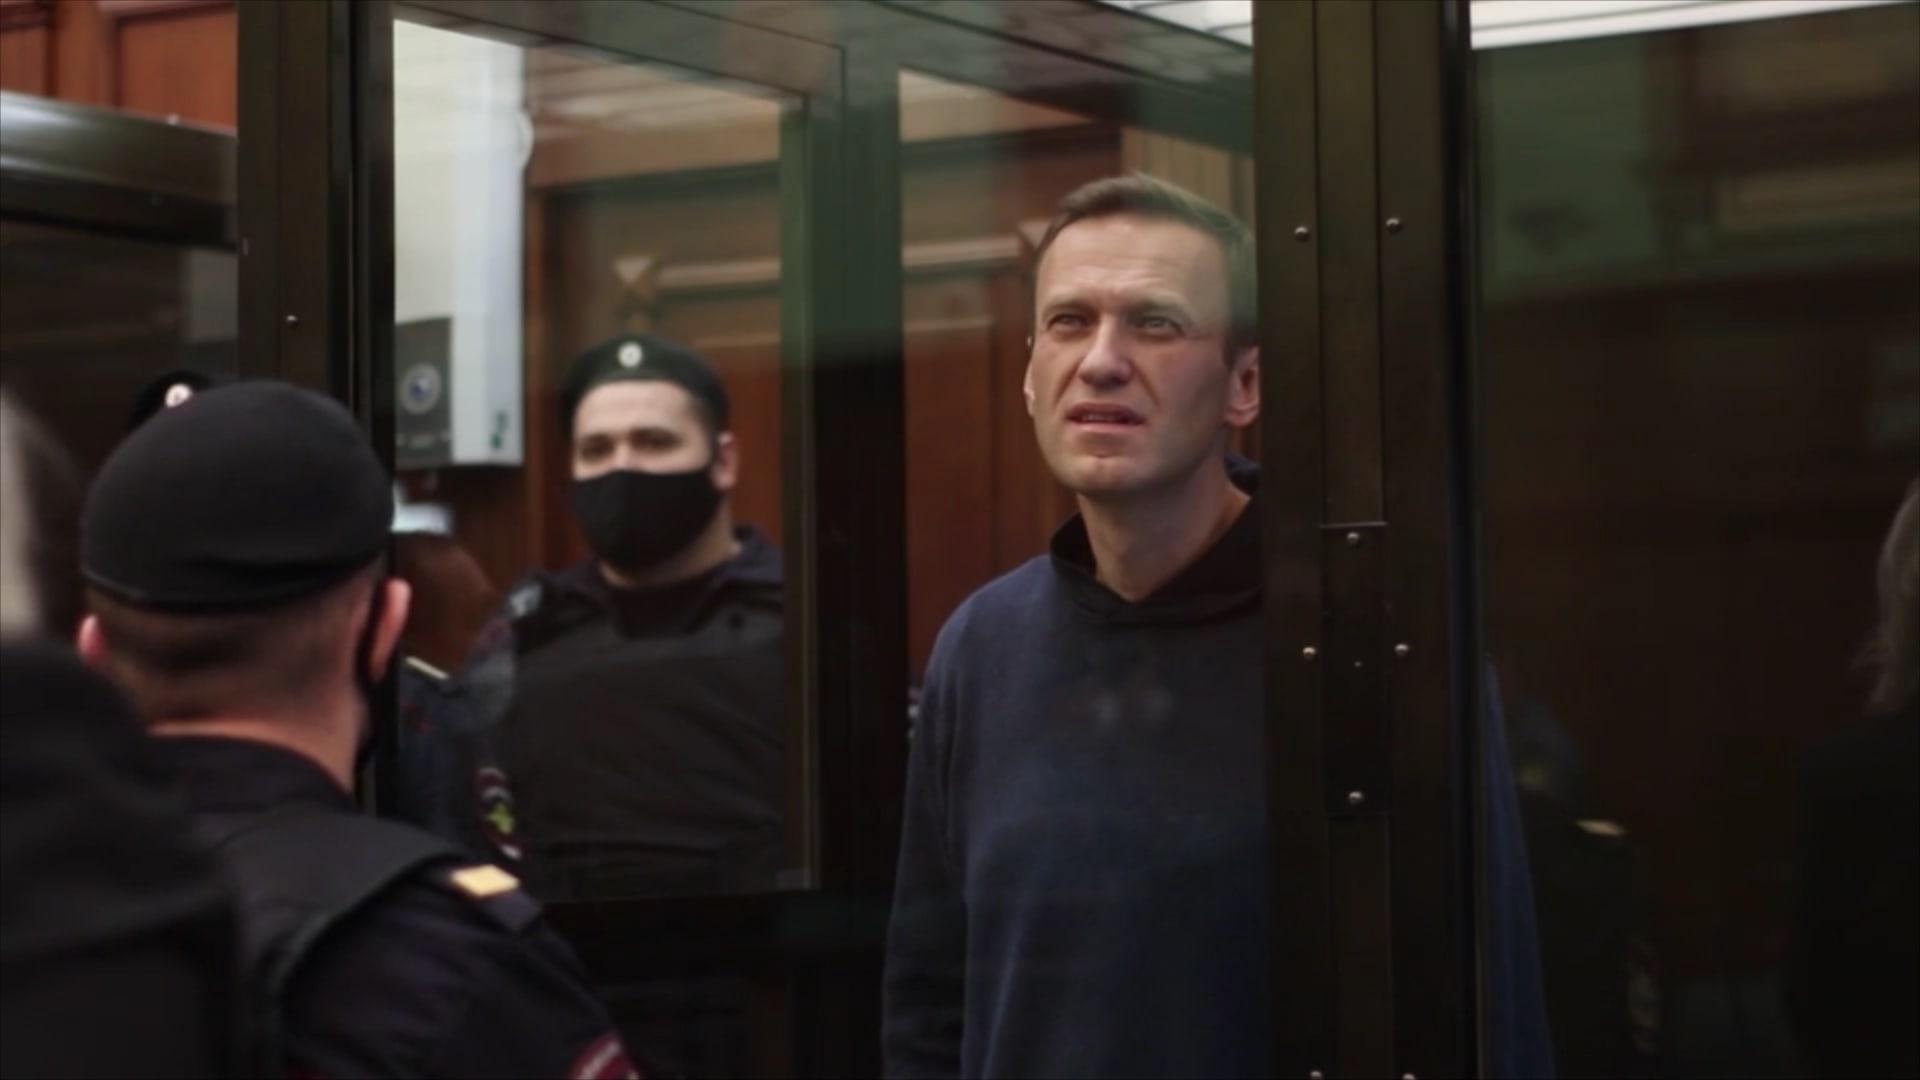 الحكم بسجن نافالني لأكثر من سنتين ونصف.. والغضب يتصاعد في روسيا